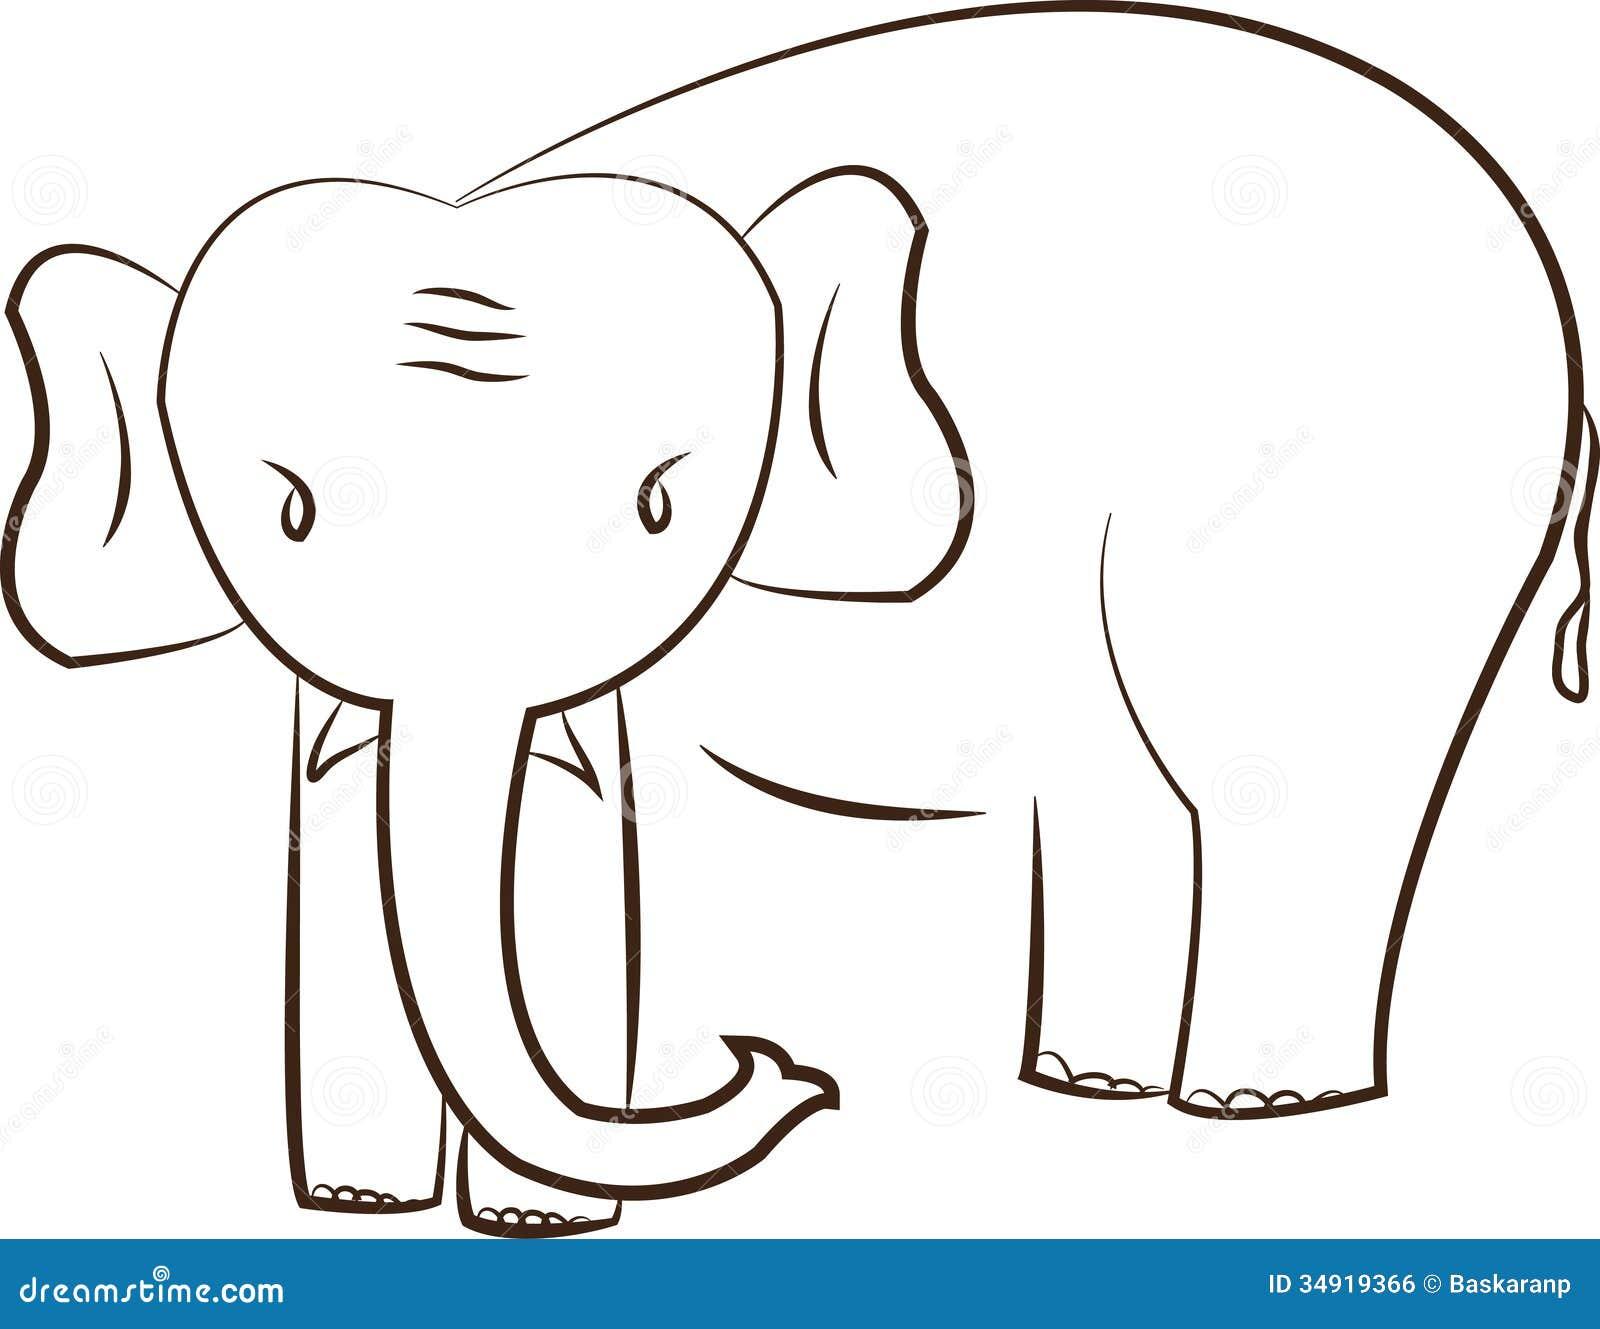 cute elephant royalty free stock image image 34919366